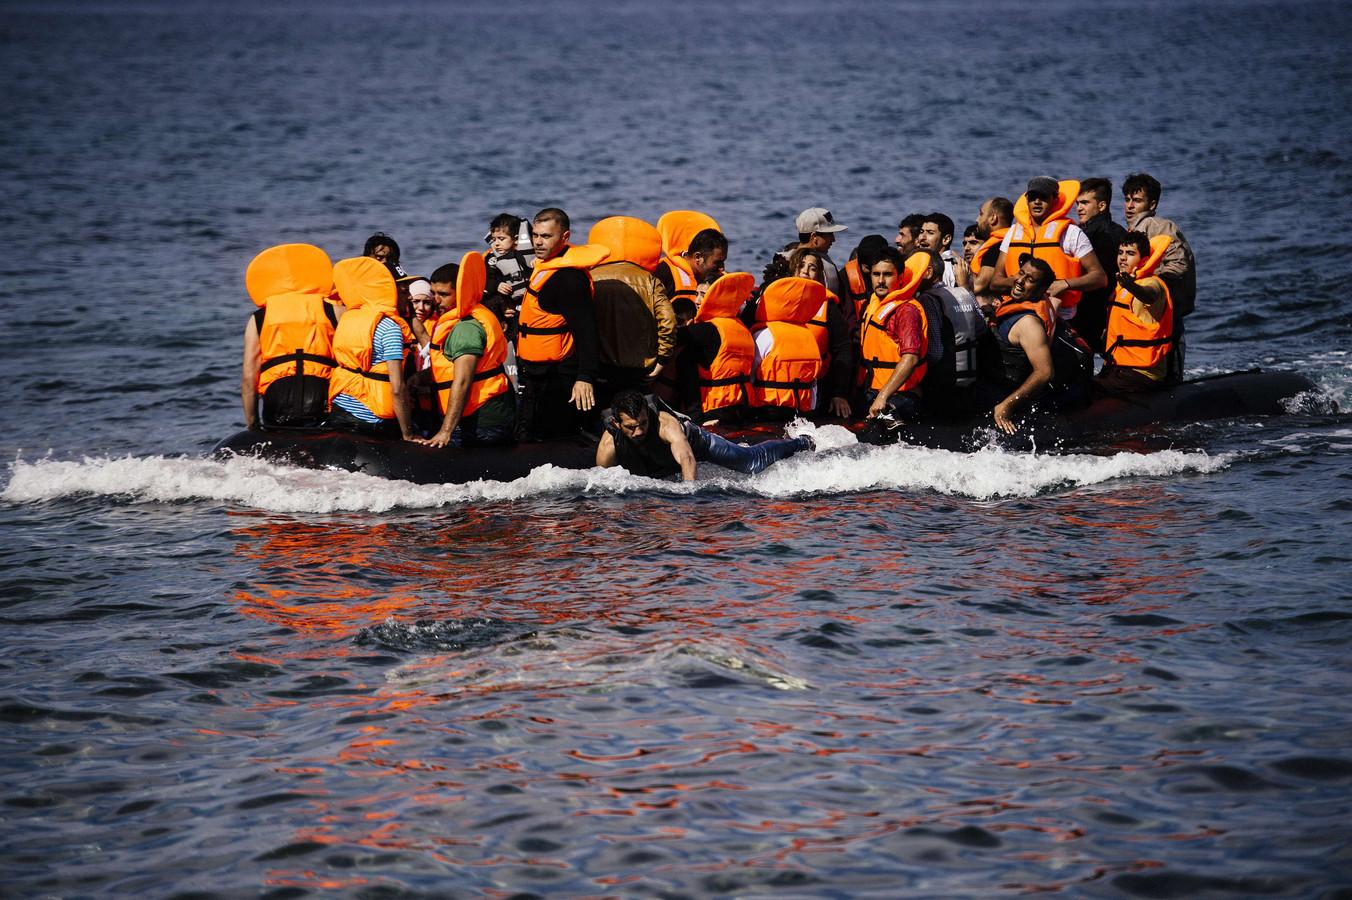 Vluchtelingen komen aan op het Griekse eiland Lesbos.